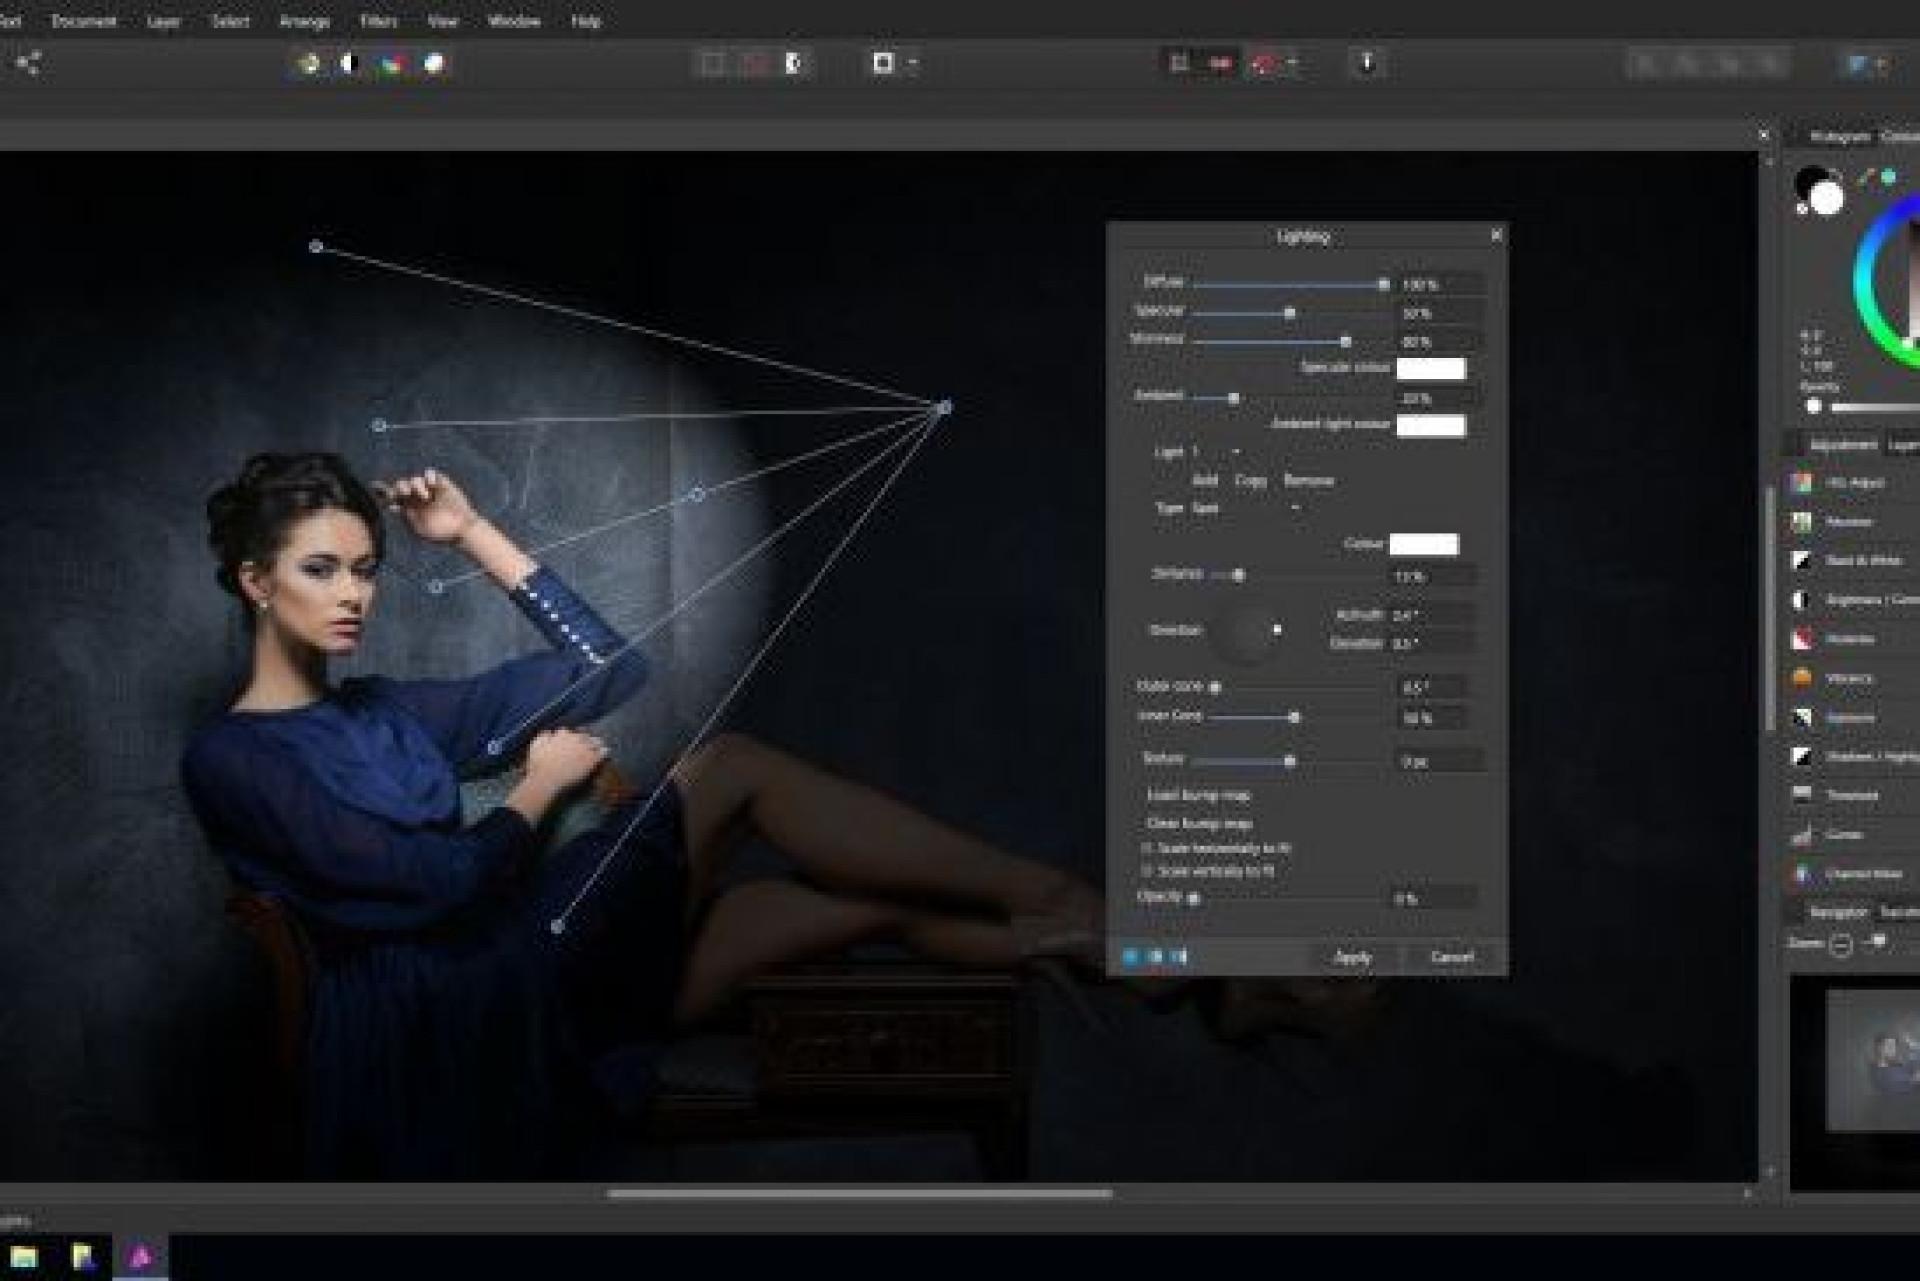 Descargar gratis programas para editar fotografias 21